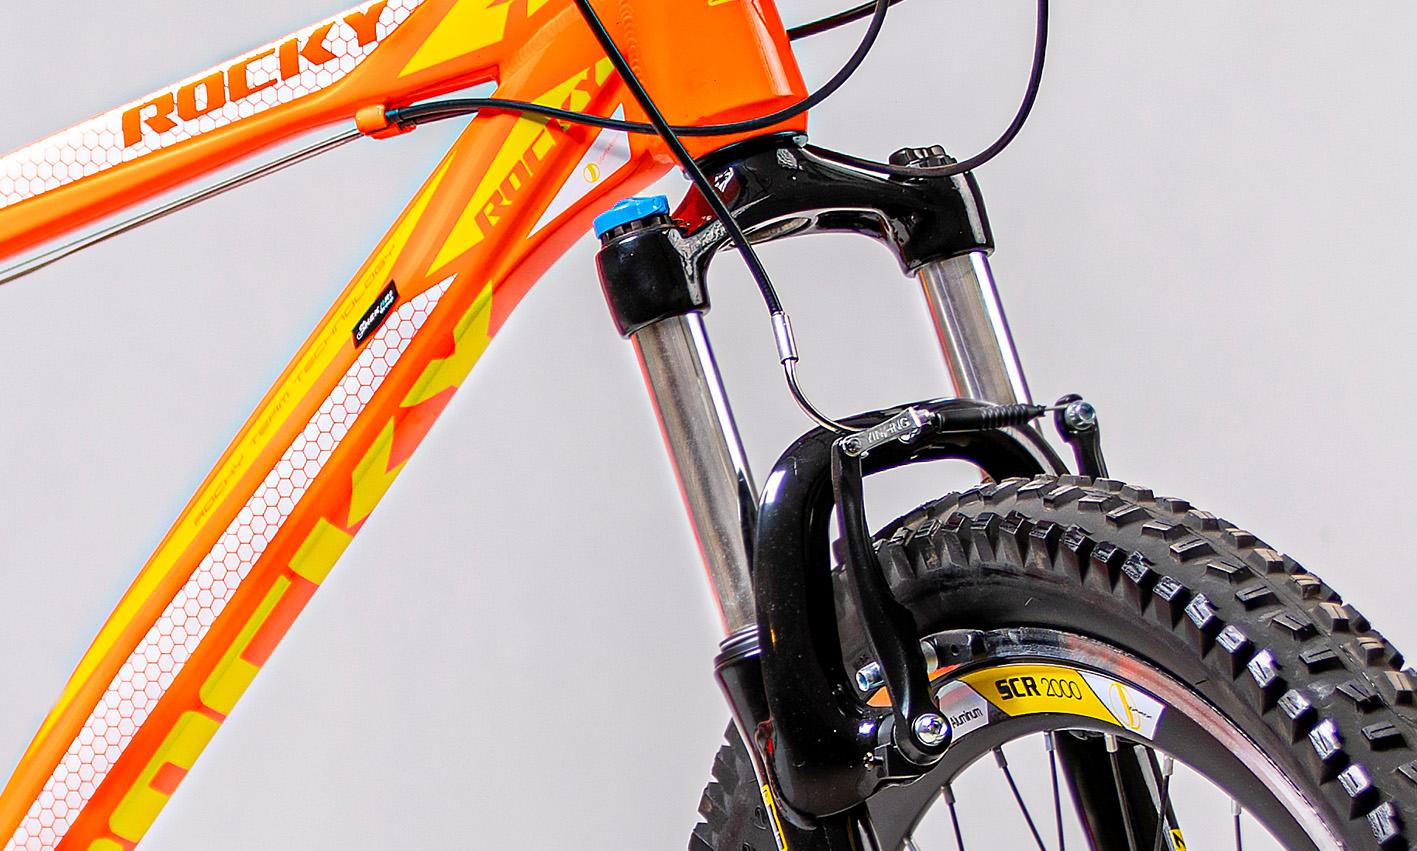 ست ترمز دوچرخه راکی